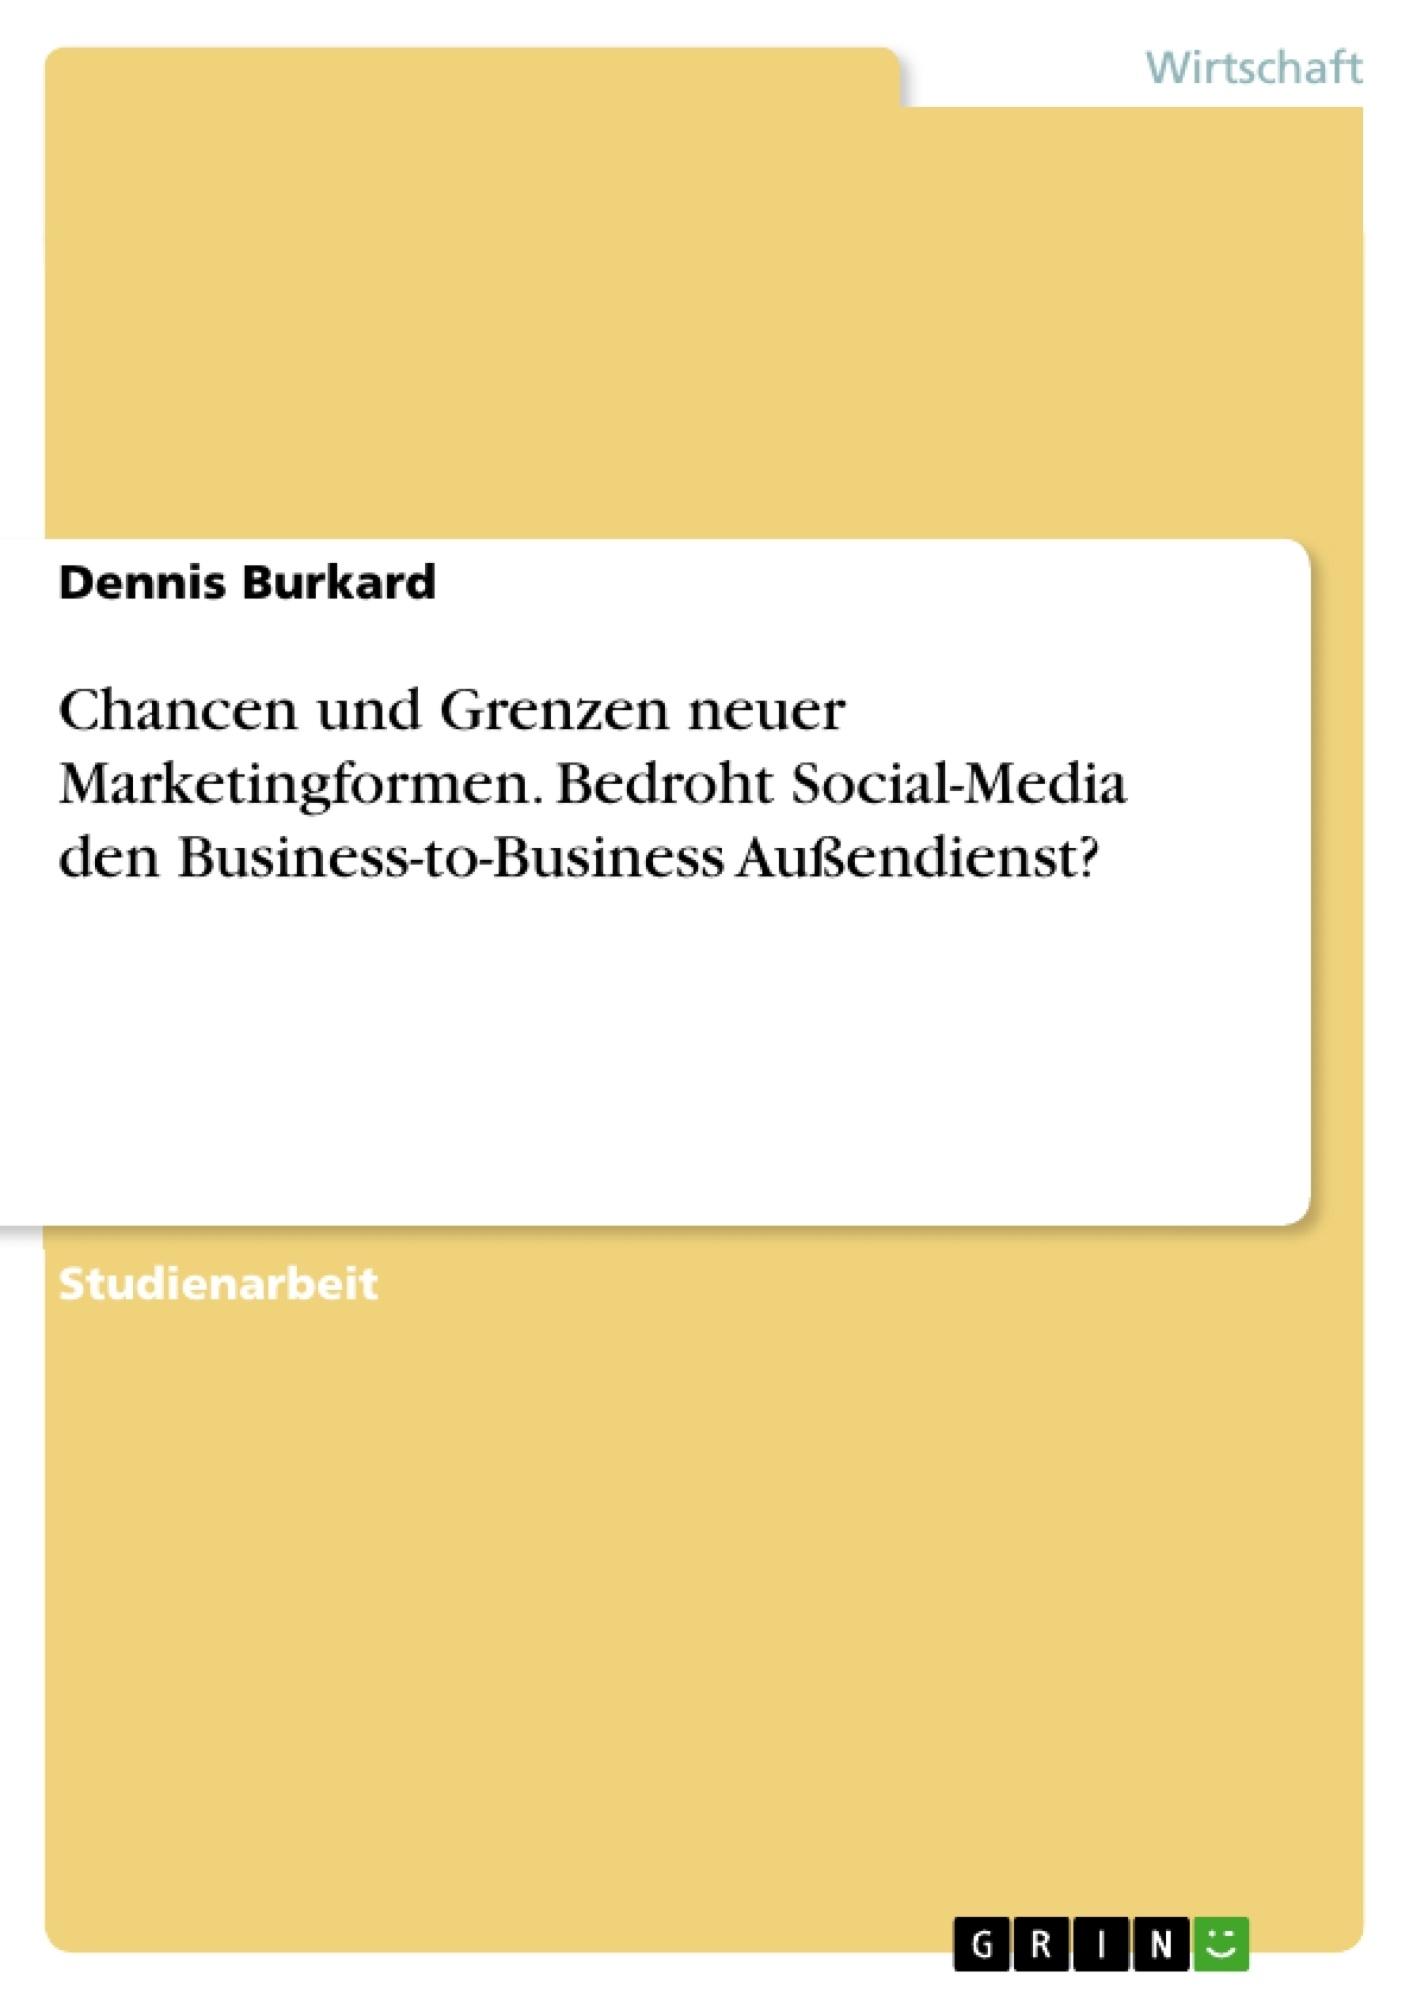 Titel: Chancen und Grenzen neuer Marketingformen. Bedroht Social-Media den Business-to-Business Außendienst?